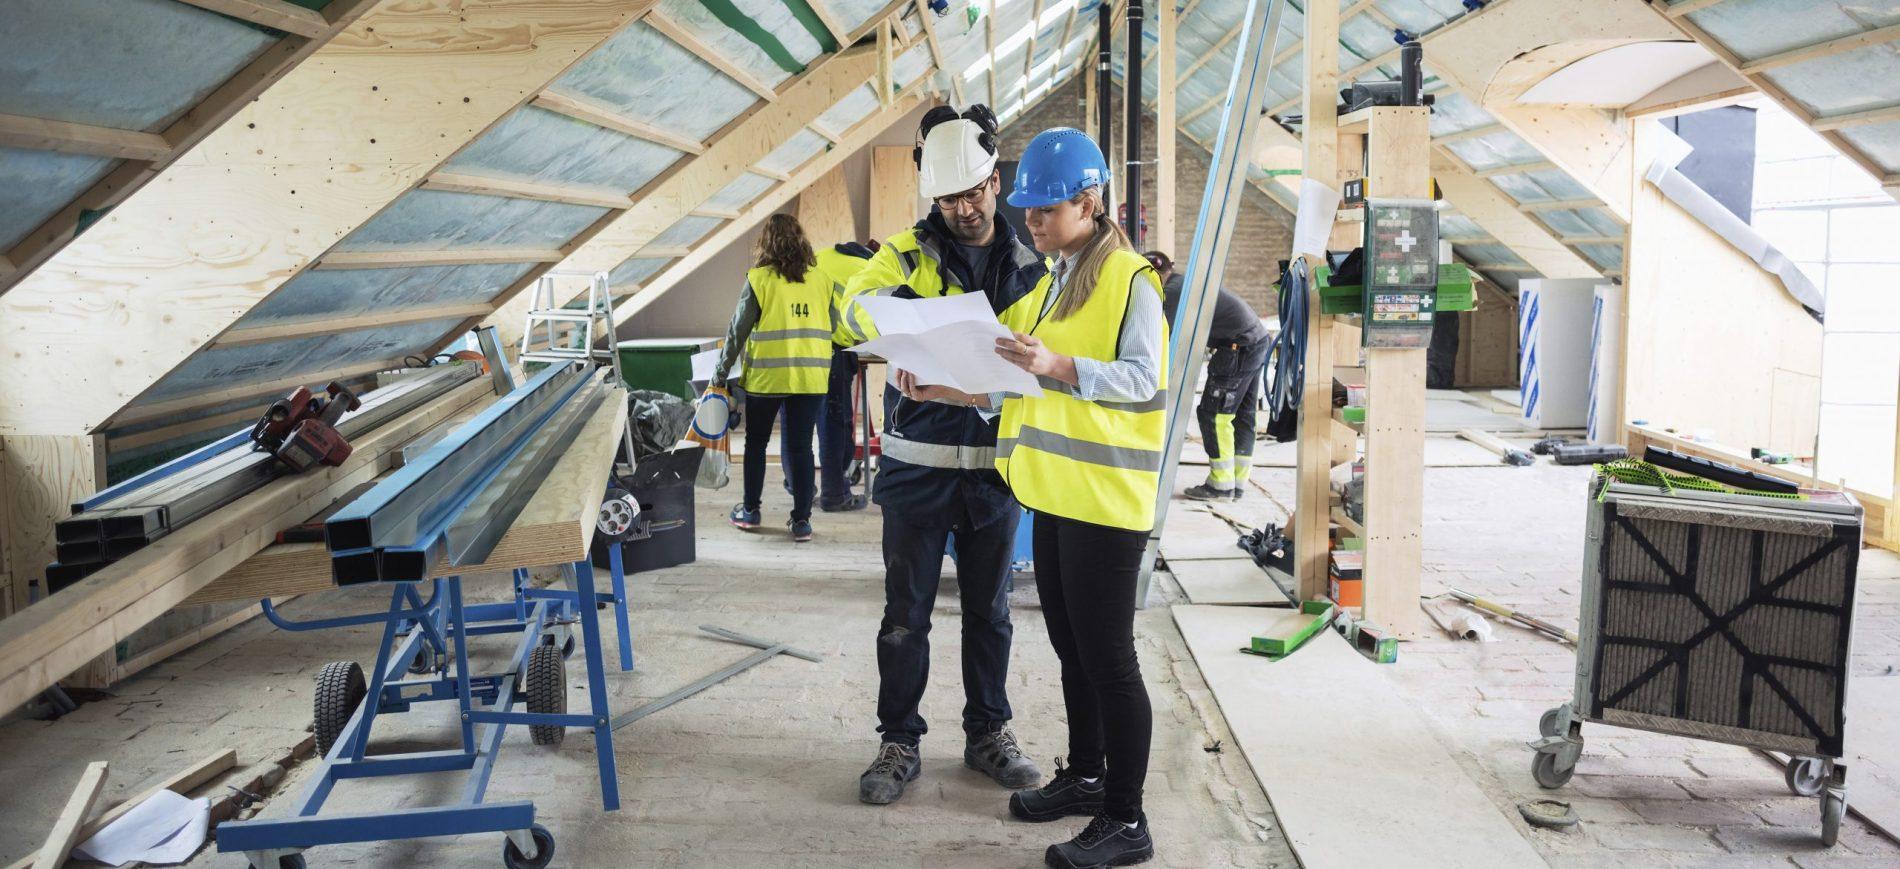 Bygningskonstruktør planlægger tagkonstruktion